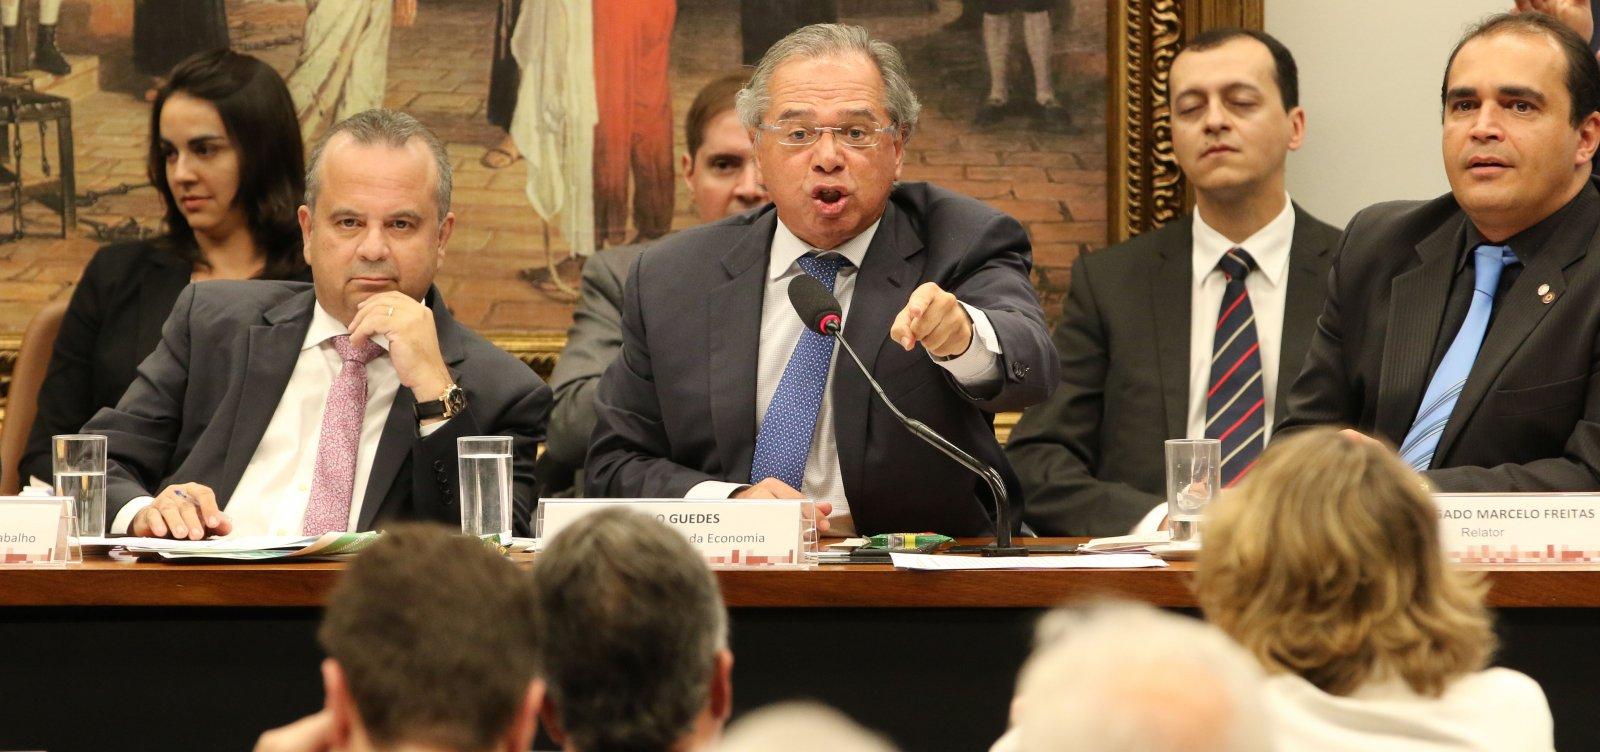 [Guedes deixa sessão na CCJ após ser chamado de 'tchutchuca' por deputado; veja vídeo]